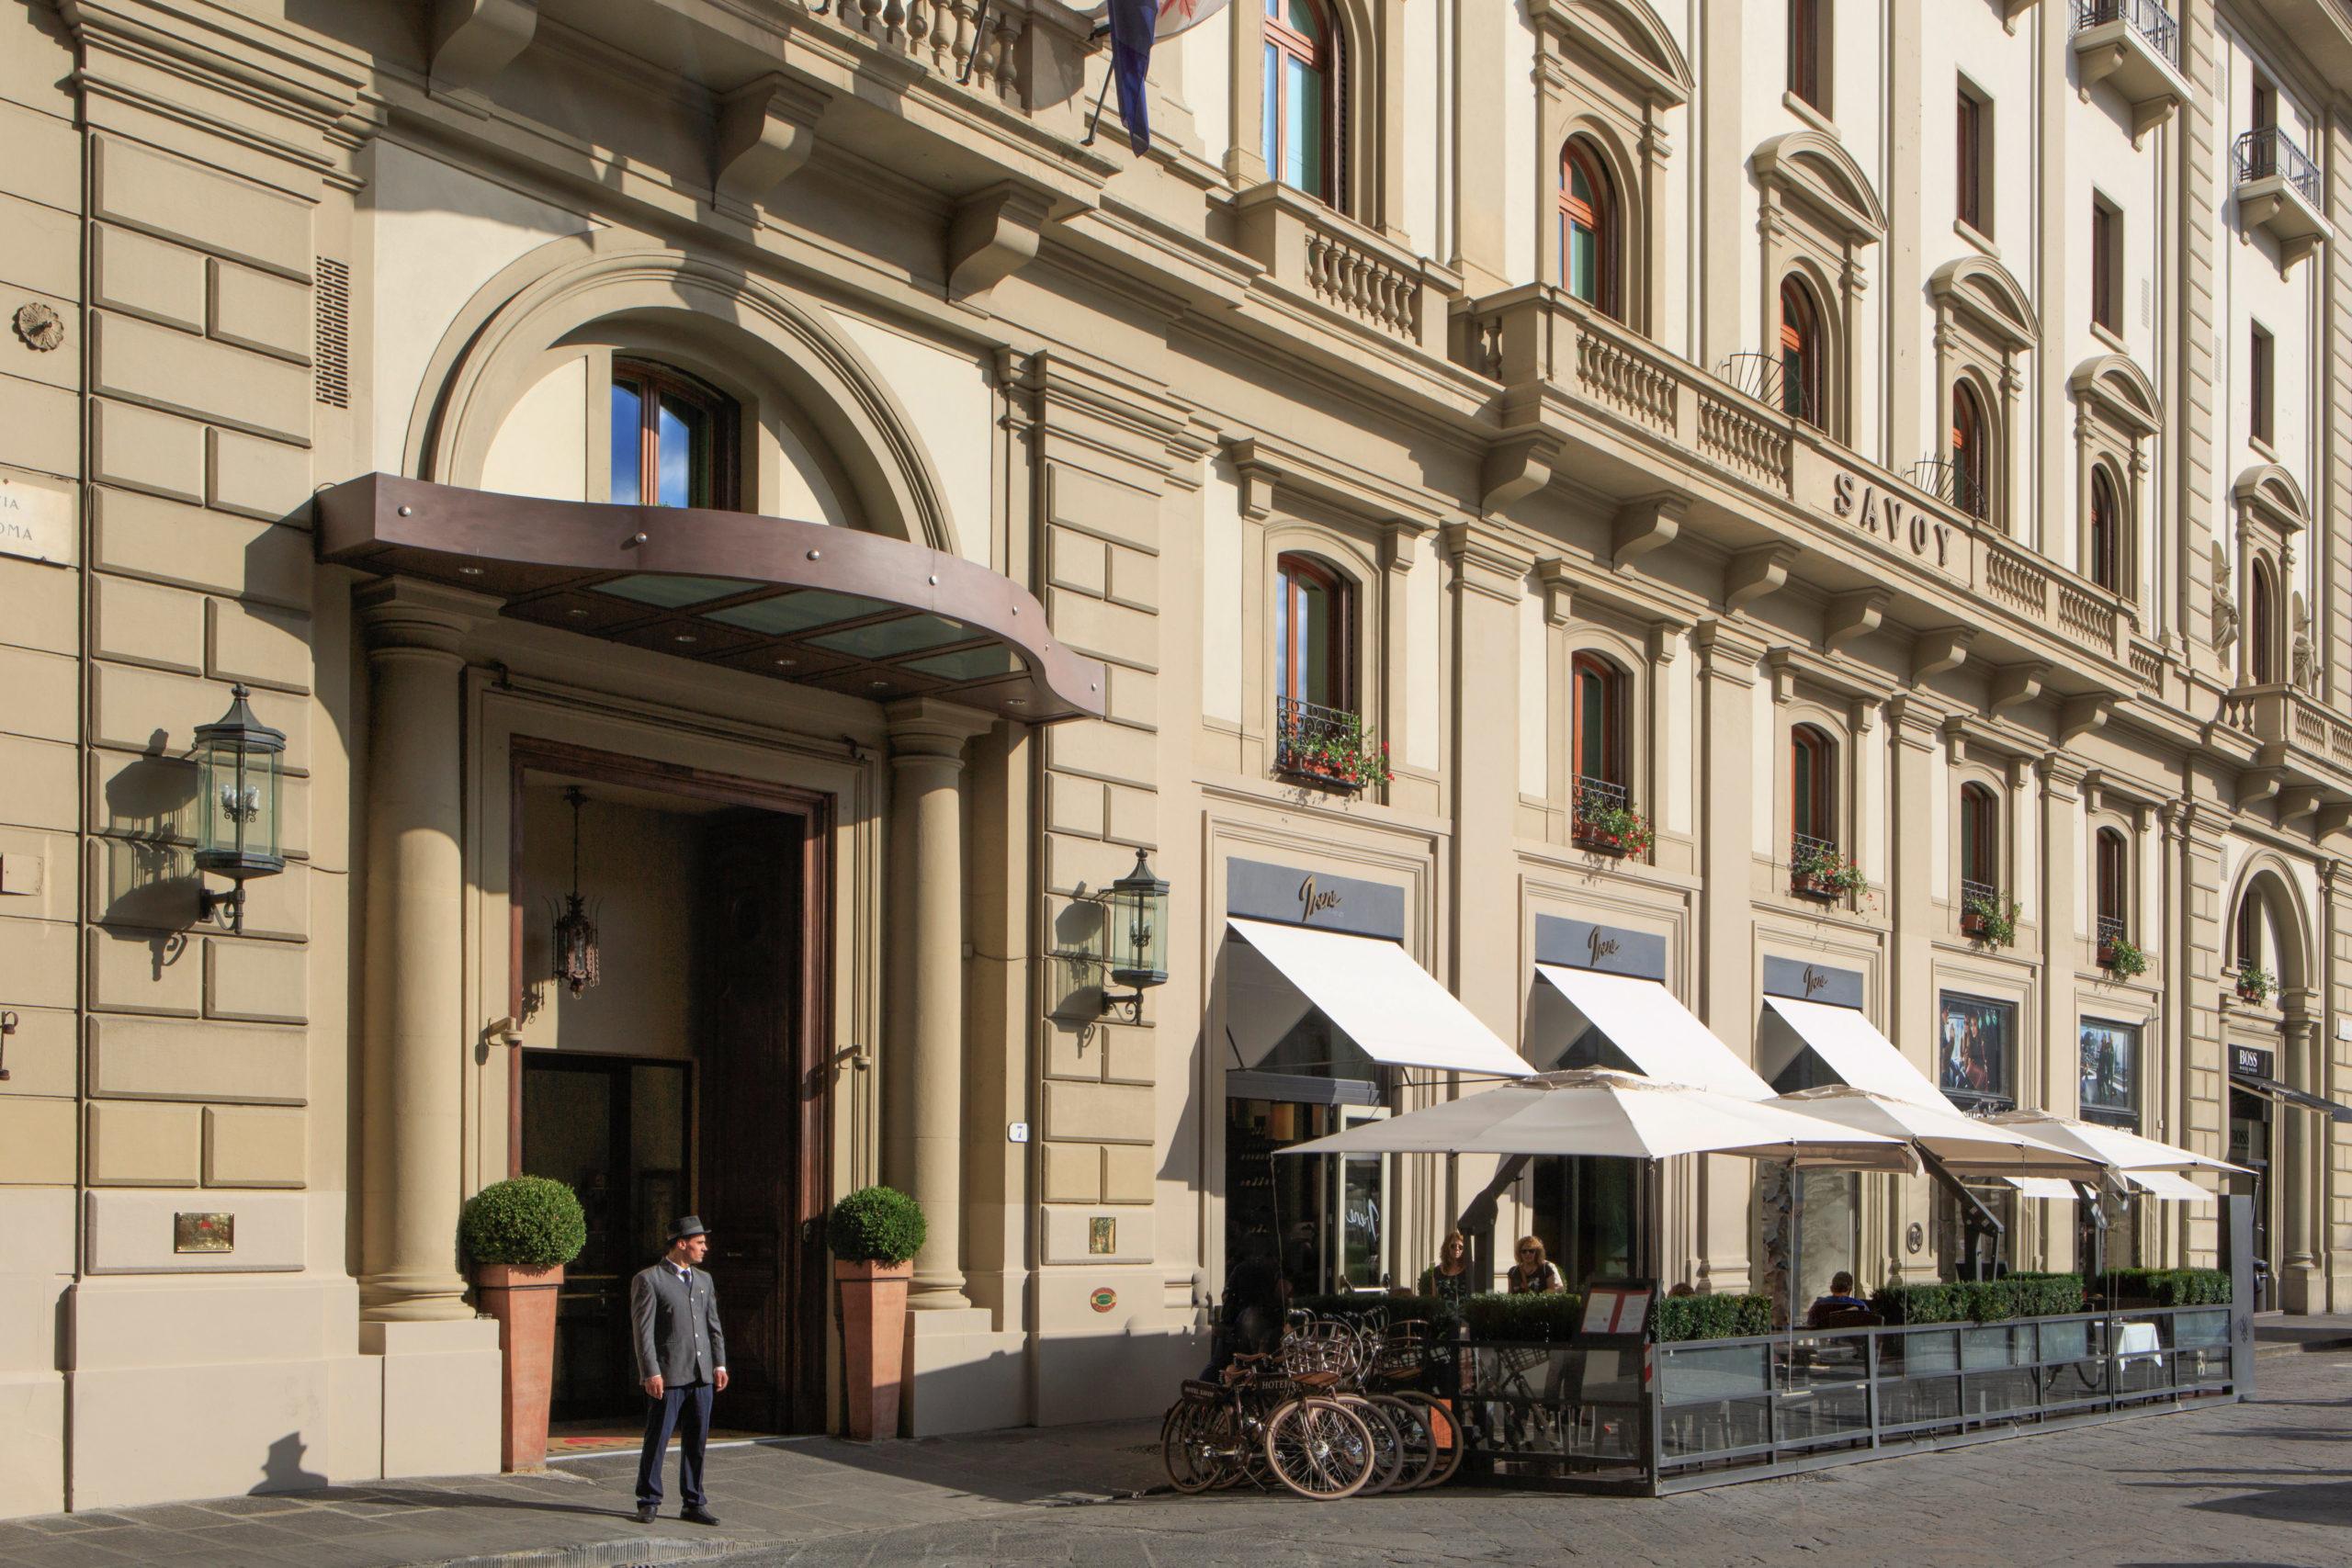 Reise durch Italien Hotel Savoy